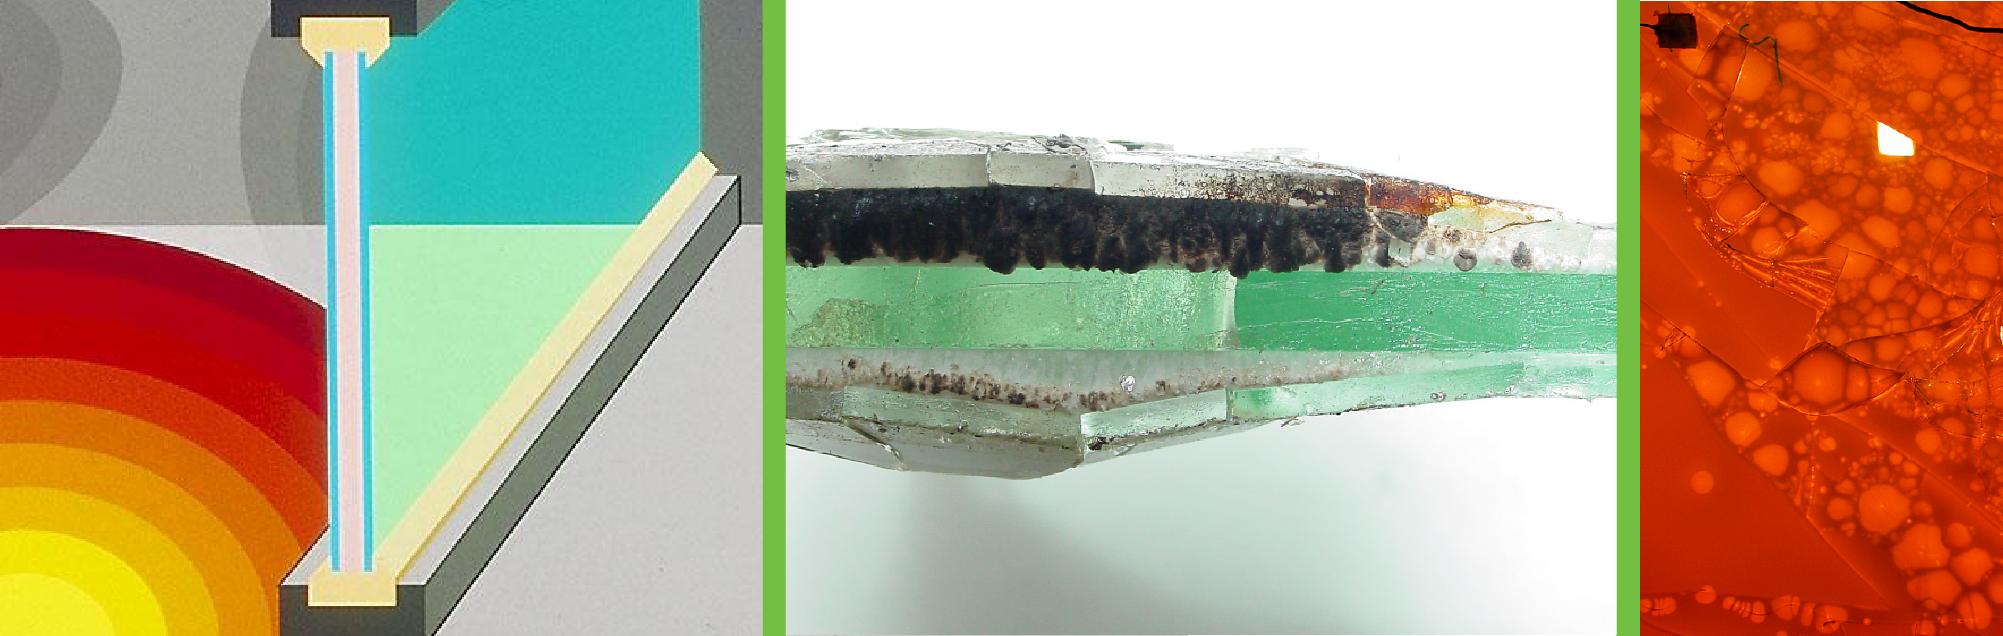 Ugunsdrošo stikla konstrukciju drošība vairāki šķērsgriezumi